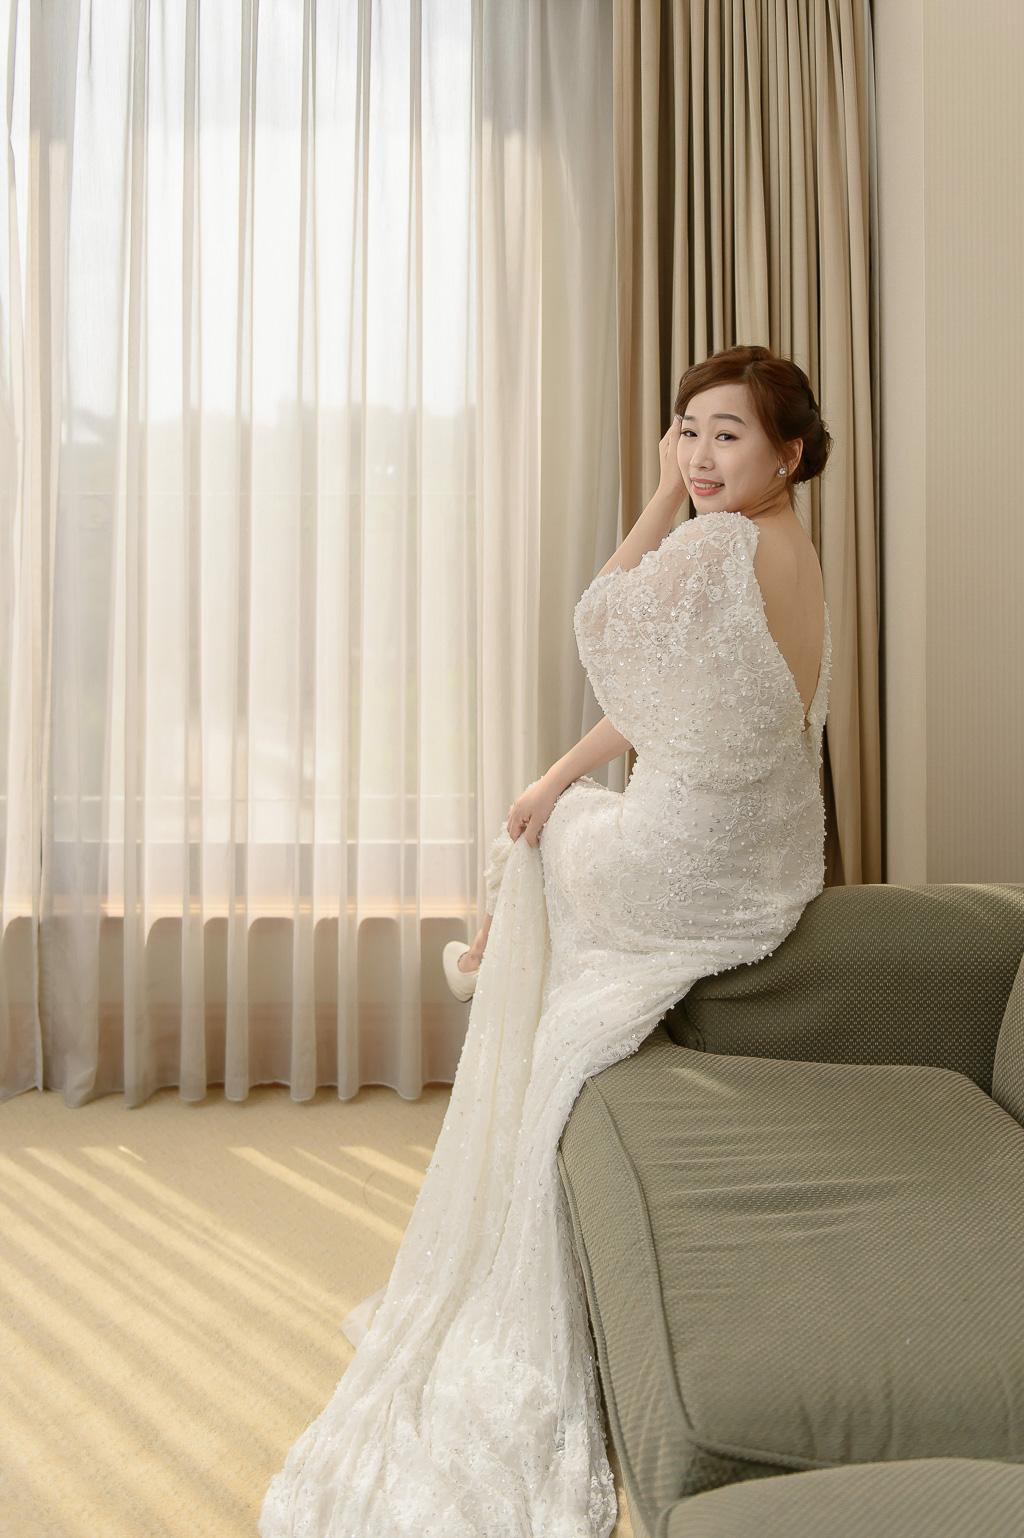 台北婚攝, 婚攝, 婚攝小勇, 推薦婚攝, 新竹煙波, 新秘vivian, 新莊典華, 煙波婚宴, 煙波婚攝-012